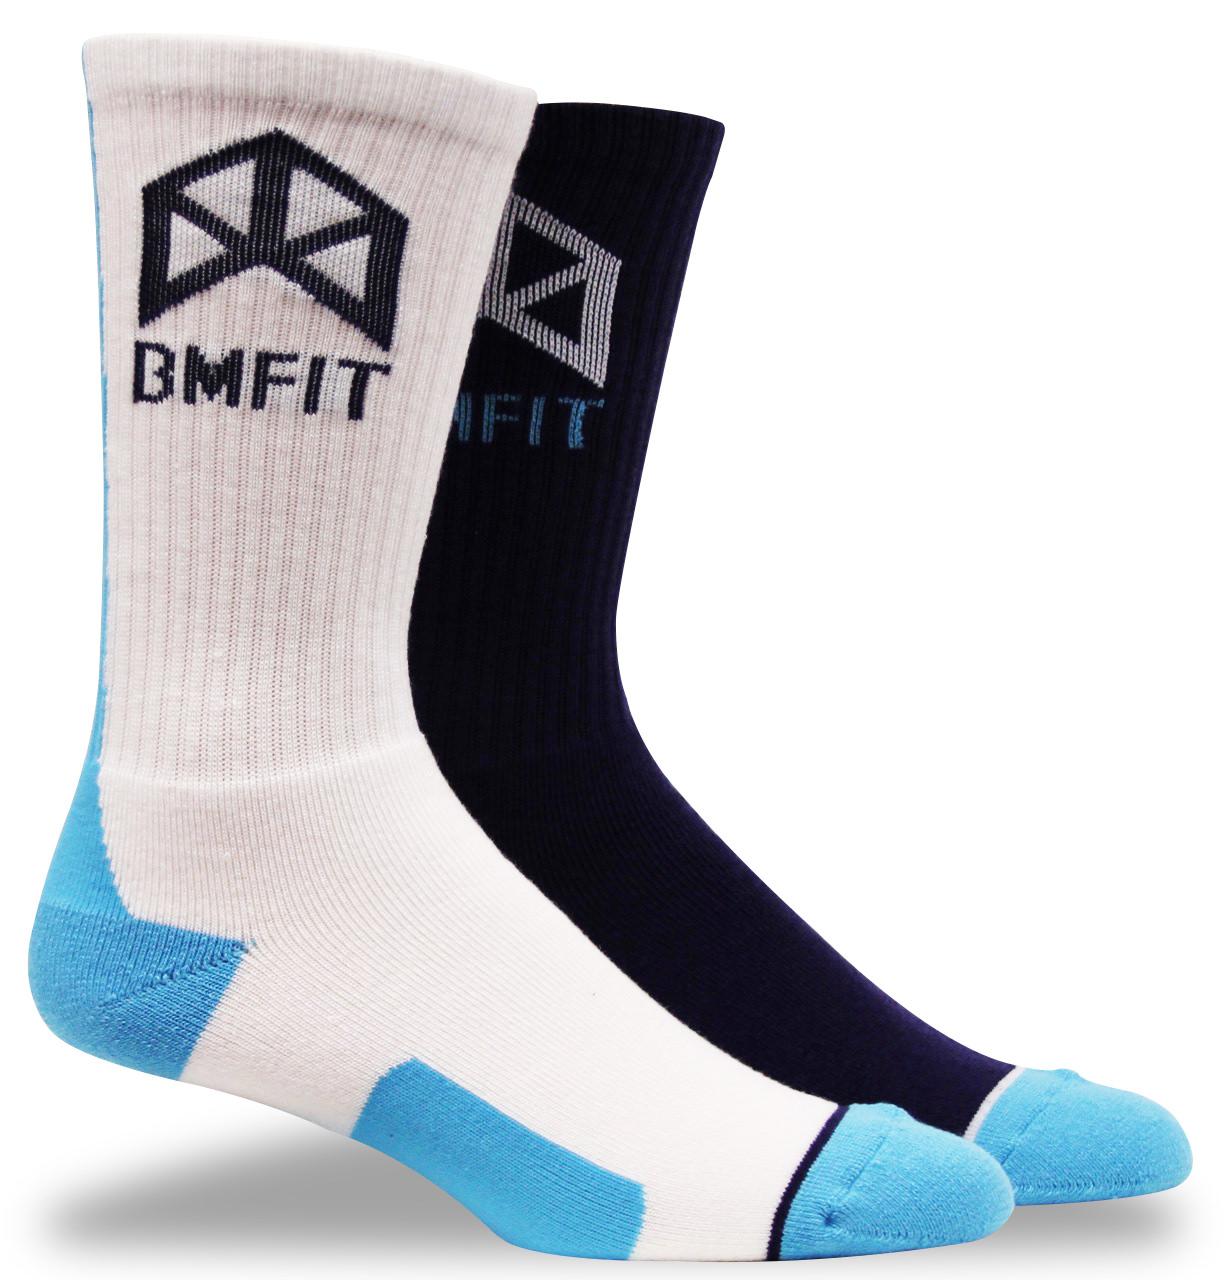 BMFIT Blue/White Socks